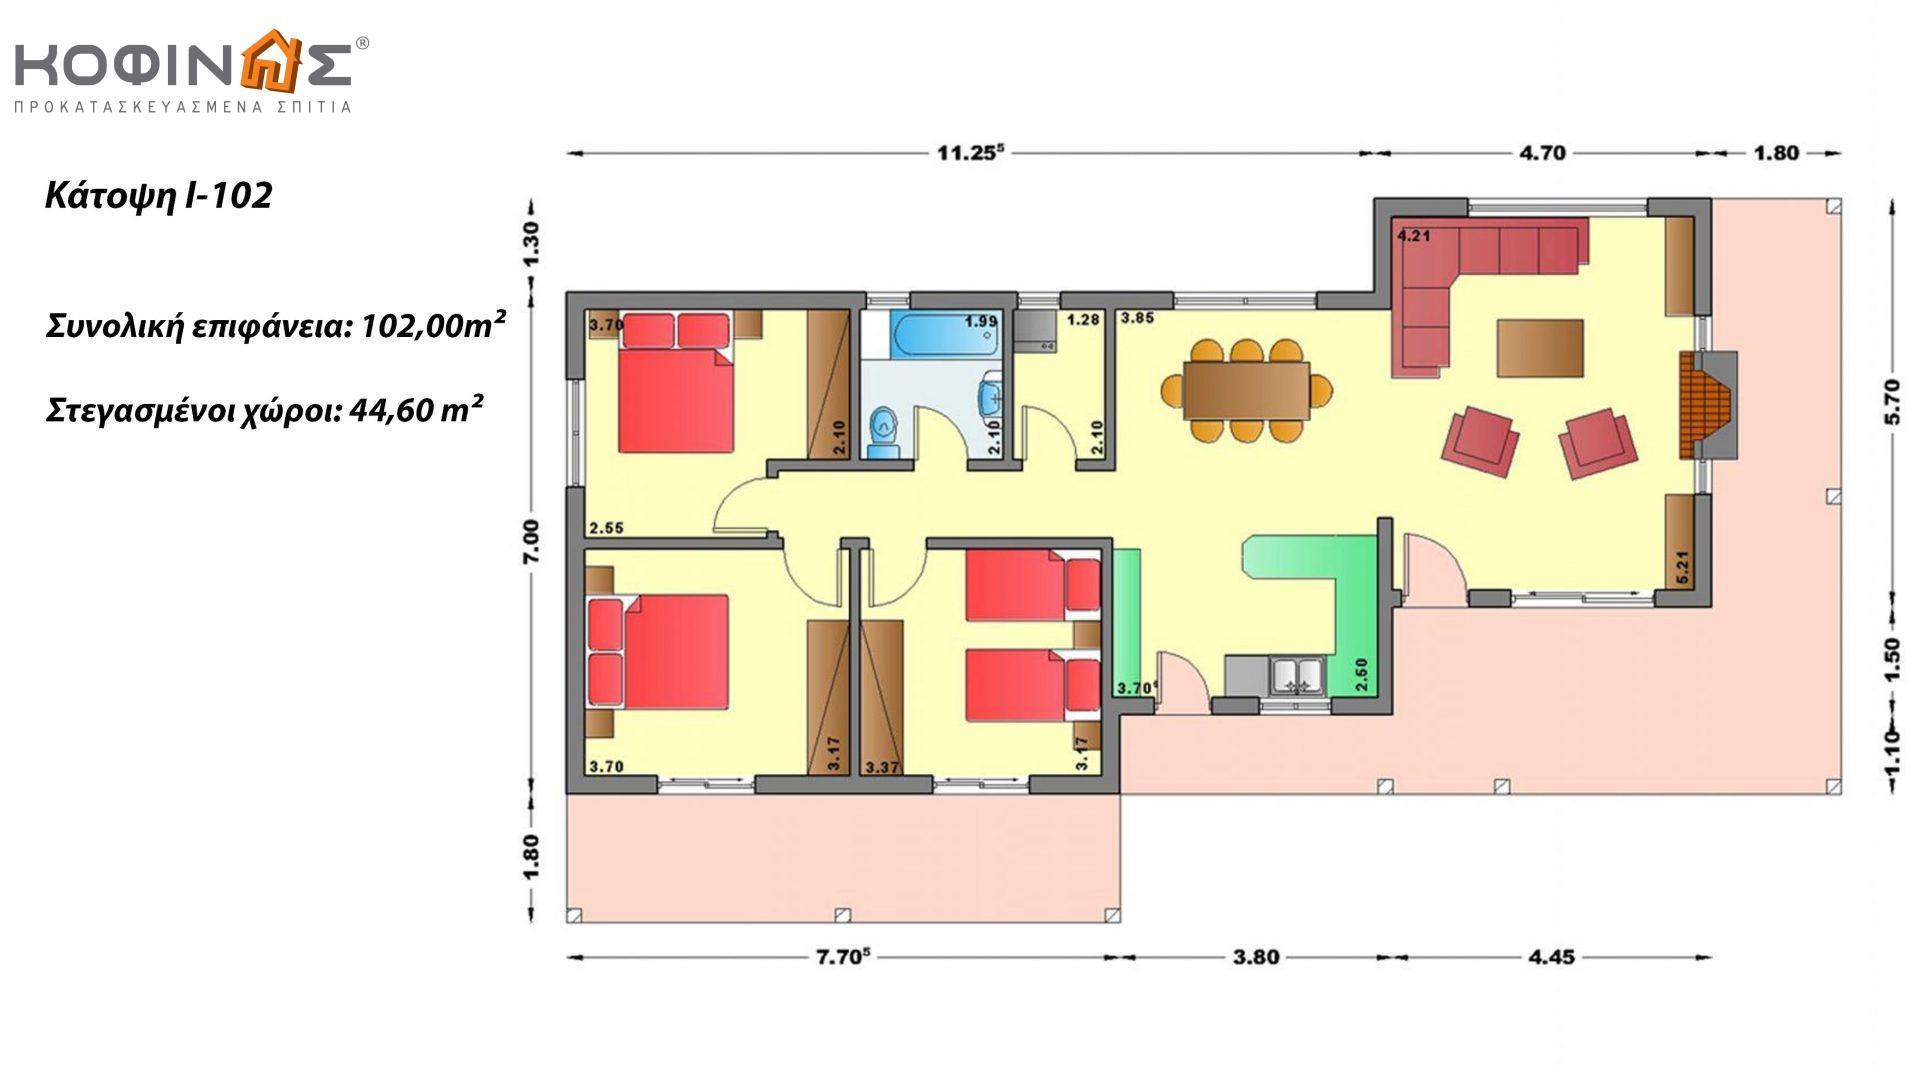 Ισόγεια Κατοικία I-102, συνολικής επιφάνειας 102,00 τ.μ.